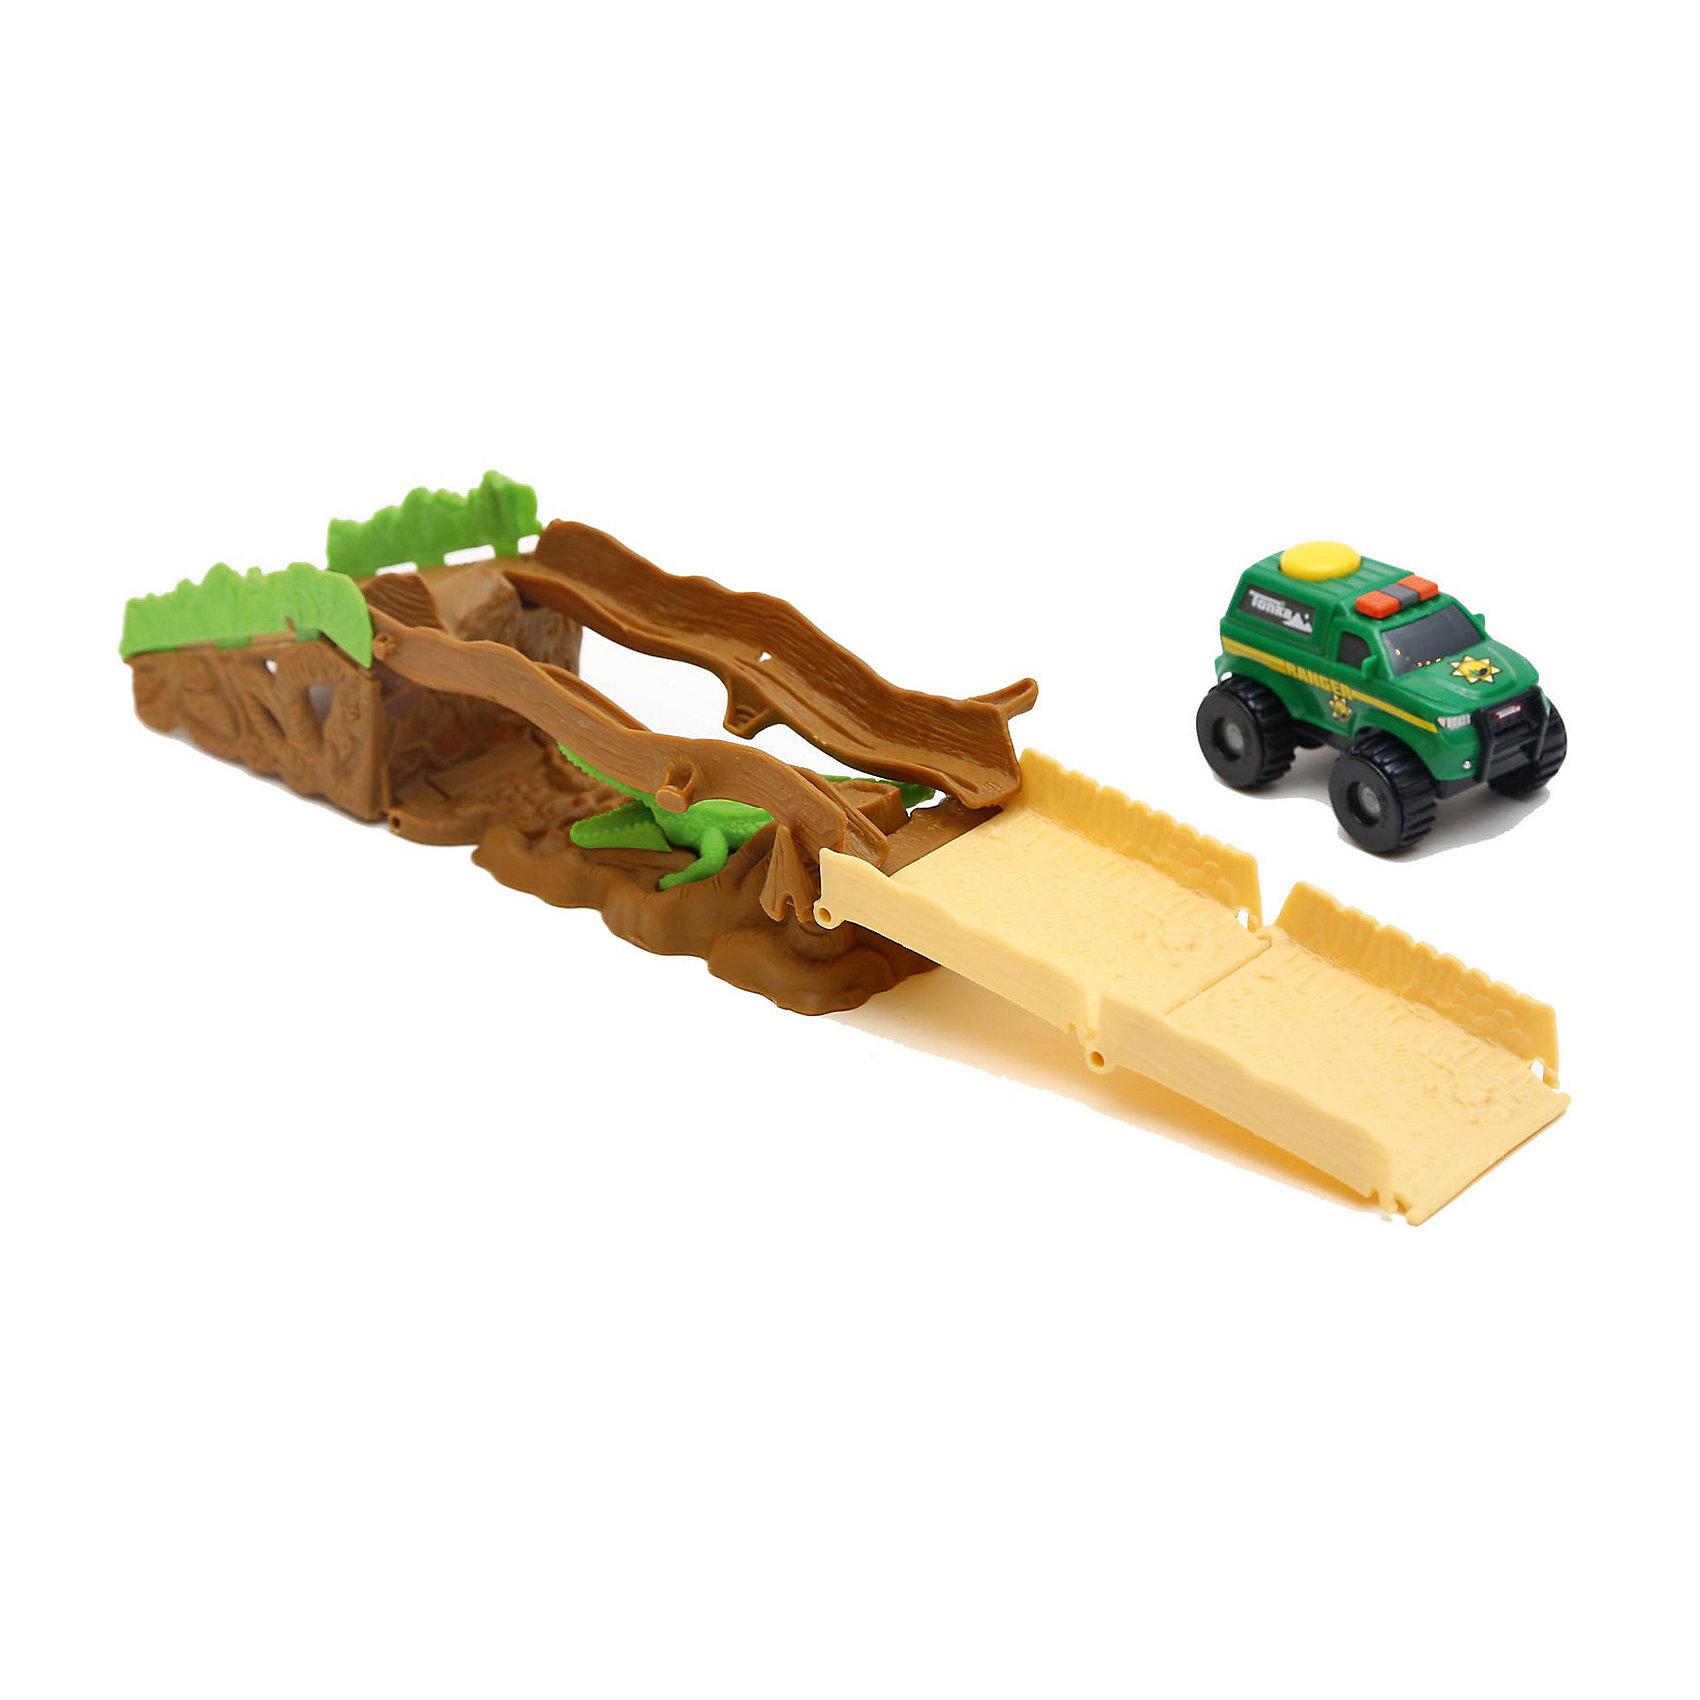 Трек с машинкой Climb-overs Forest Ranger, TonkaТрек с машинкой Climb-overs Forest Ranger, Tonka<br><br>В набор входит:<br><br>-машинка<br>-трек<br>-Тип батареек: 3 х AAA / LR0.3 1.5V (мизинчиковые, в комплекте).<br><br>Характеристики:<br><br>-Возраст: от 3 лет<br>-Для мальчиков<br>-Материал: пластик<br>-Марка: Tonka(Тонка)<br><br>Трек с машинкой Tonka Climb-overs Forest Ranger станет отличным подарком юному любителю гонок. Полицейский джип зеленого цвета оснащен проблесковыми маячками. Мощные черные колеса автомобиля с серыми дисками легко проедут через любое препятствие. А если ребенок нажмет на большую желтую кнопку, располагающуюся на крыше кузова, то машинка быстро помчится вперед. Собрав все элементы трека, можно устроить невероятные гонки вместе с друзьями, придумывая разные игровые сюжеты! Трек имеет участок, в котором автомобилю предстоит проехать по опасному участку, прямо над крокодилом. Для работы требуются 3 батарейки ААА (в комплект не входят). <br><br>Трек с машинкой Climb-overs Forest Ranger, Tonka можно приобрести в нашем интернет-магазине.<br><br>Ширина мм: 305<br>Глубина мм: 64<br>Высота мм: 127<br>Вес г: 300<br>Возраст от месяцев: 36<br>Возраст до месяцев: 120<br>Пол: Мужской<br>Возраст: Детский<br>SKU: 5115737